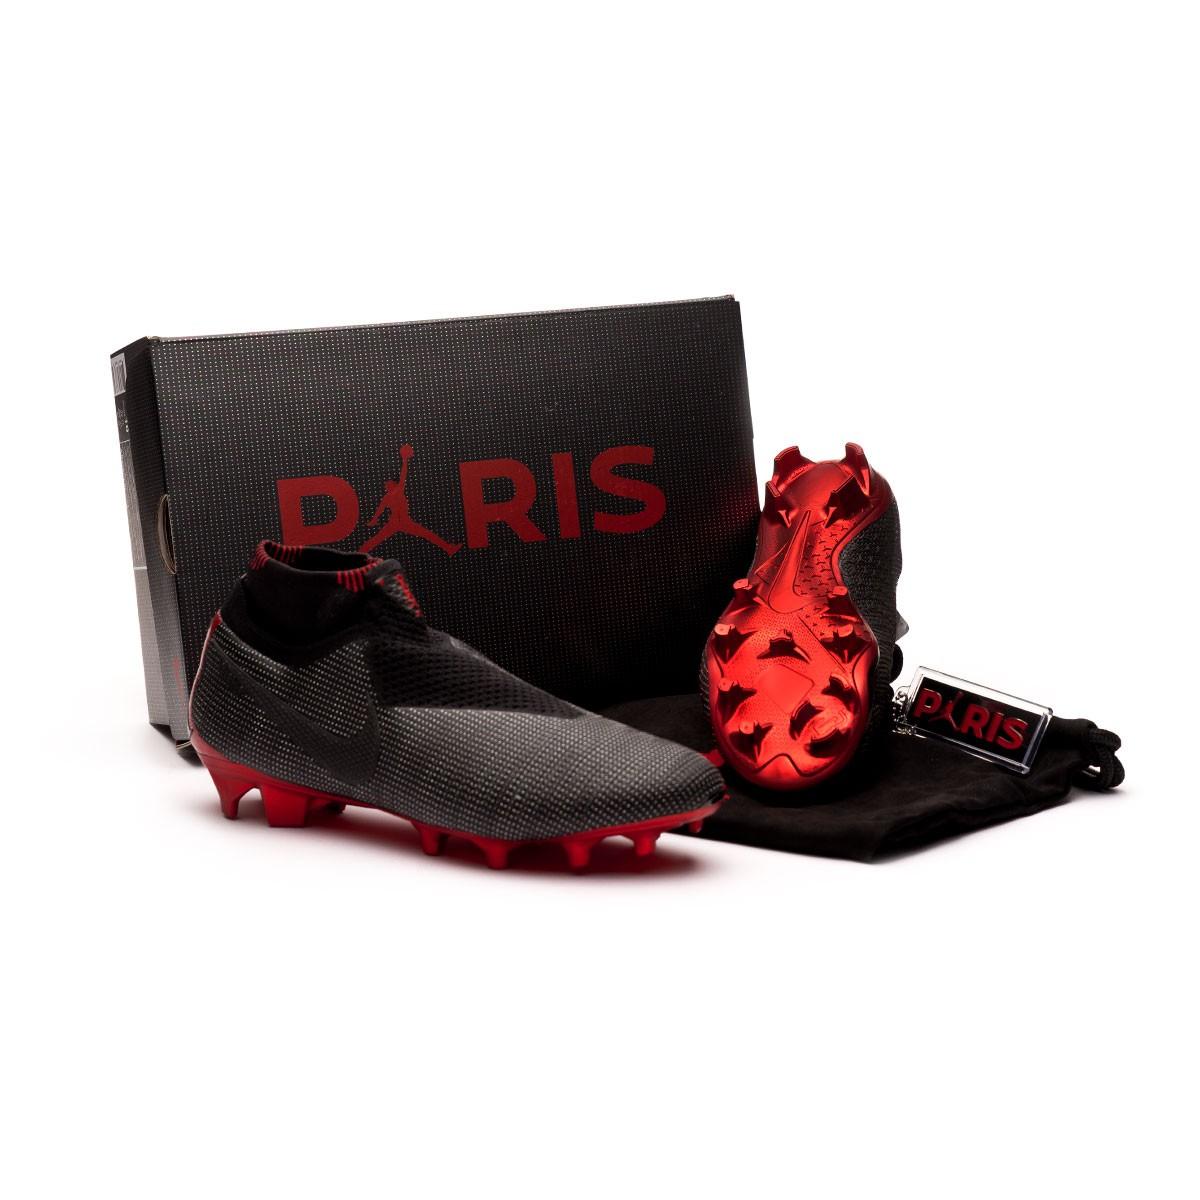 Boot Nike Phantom Vision Elite DF SE Jordan x PSG FG Black ... df6adfb17